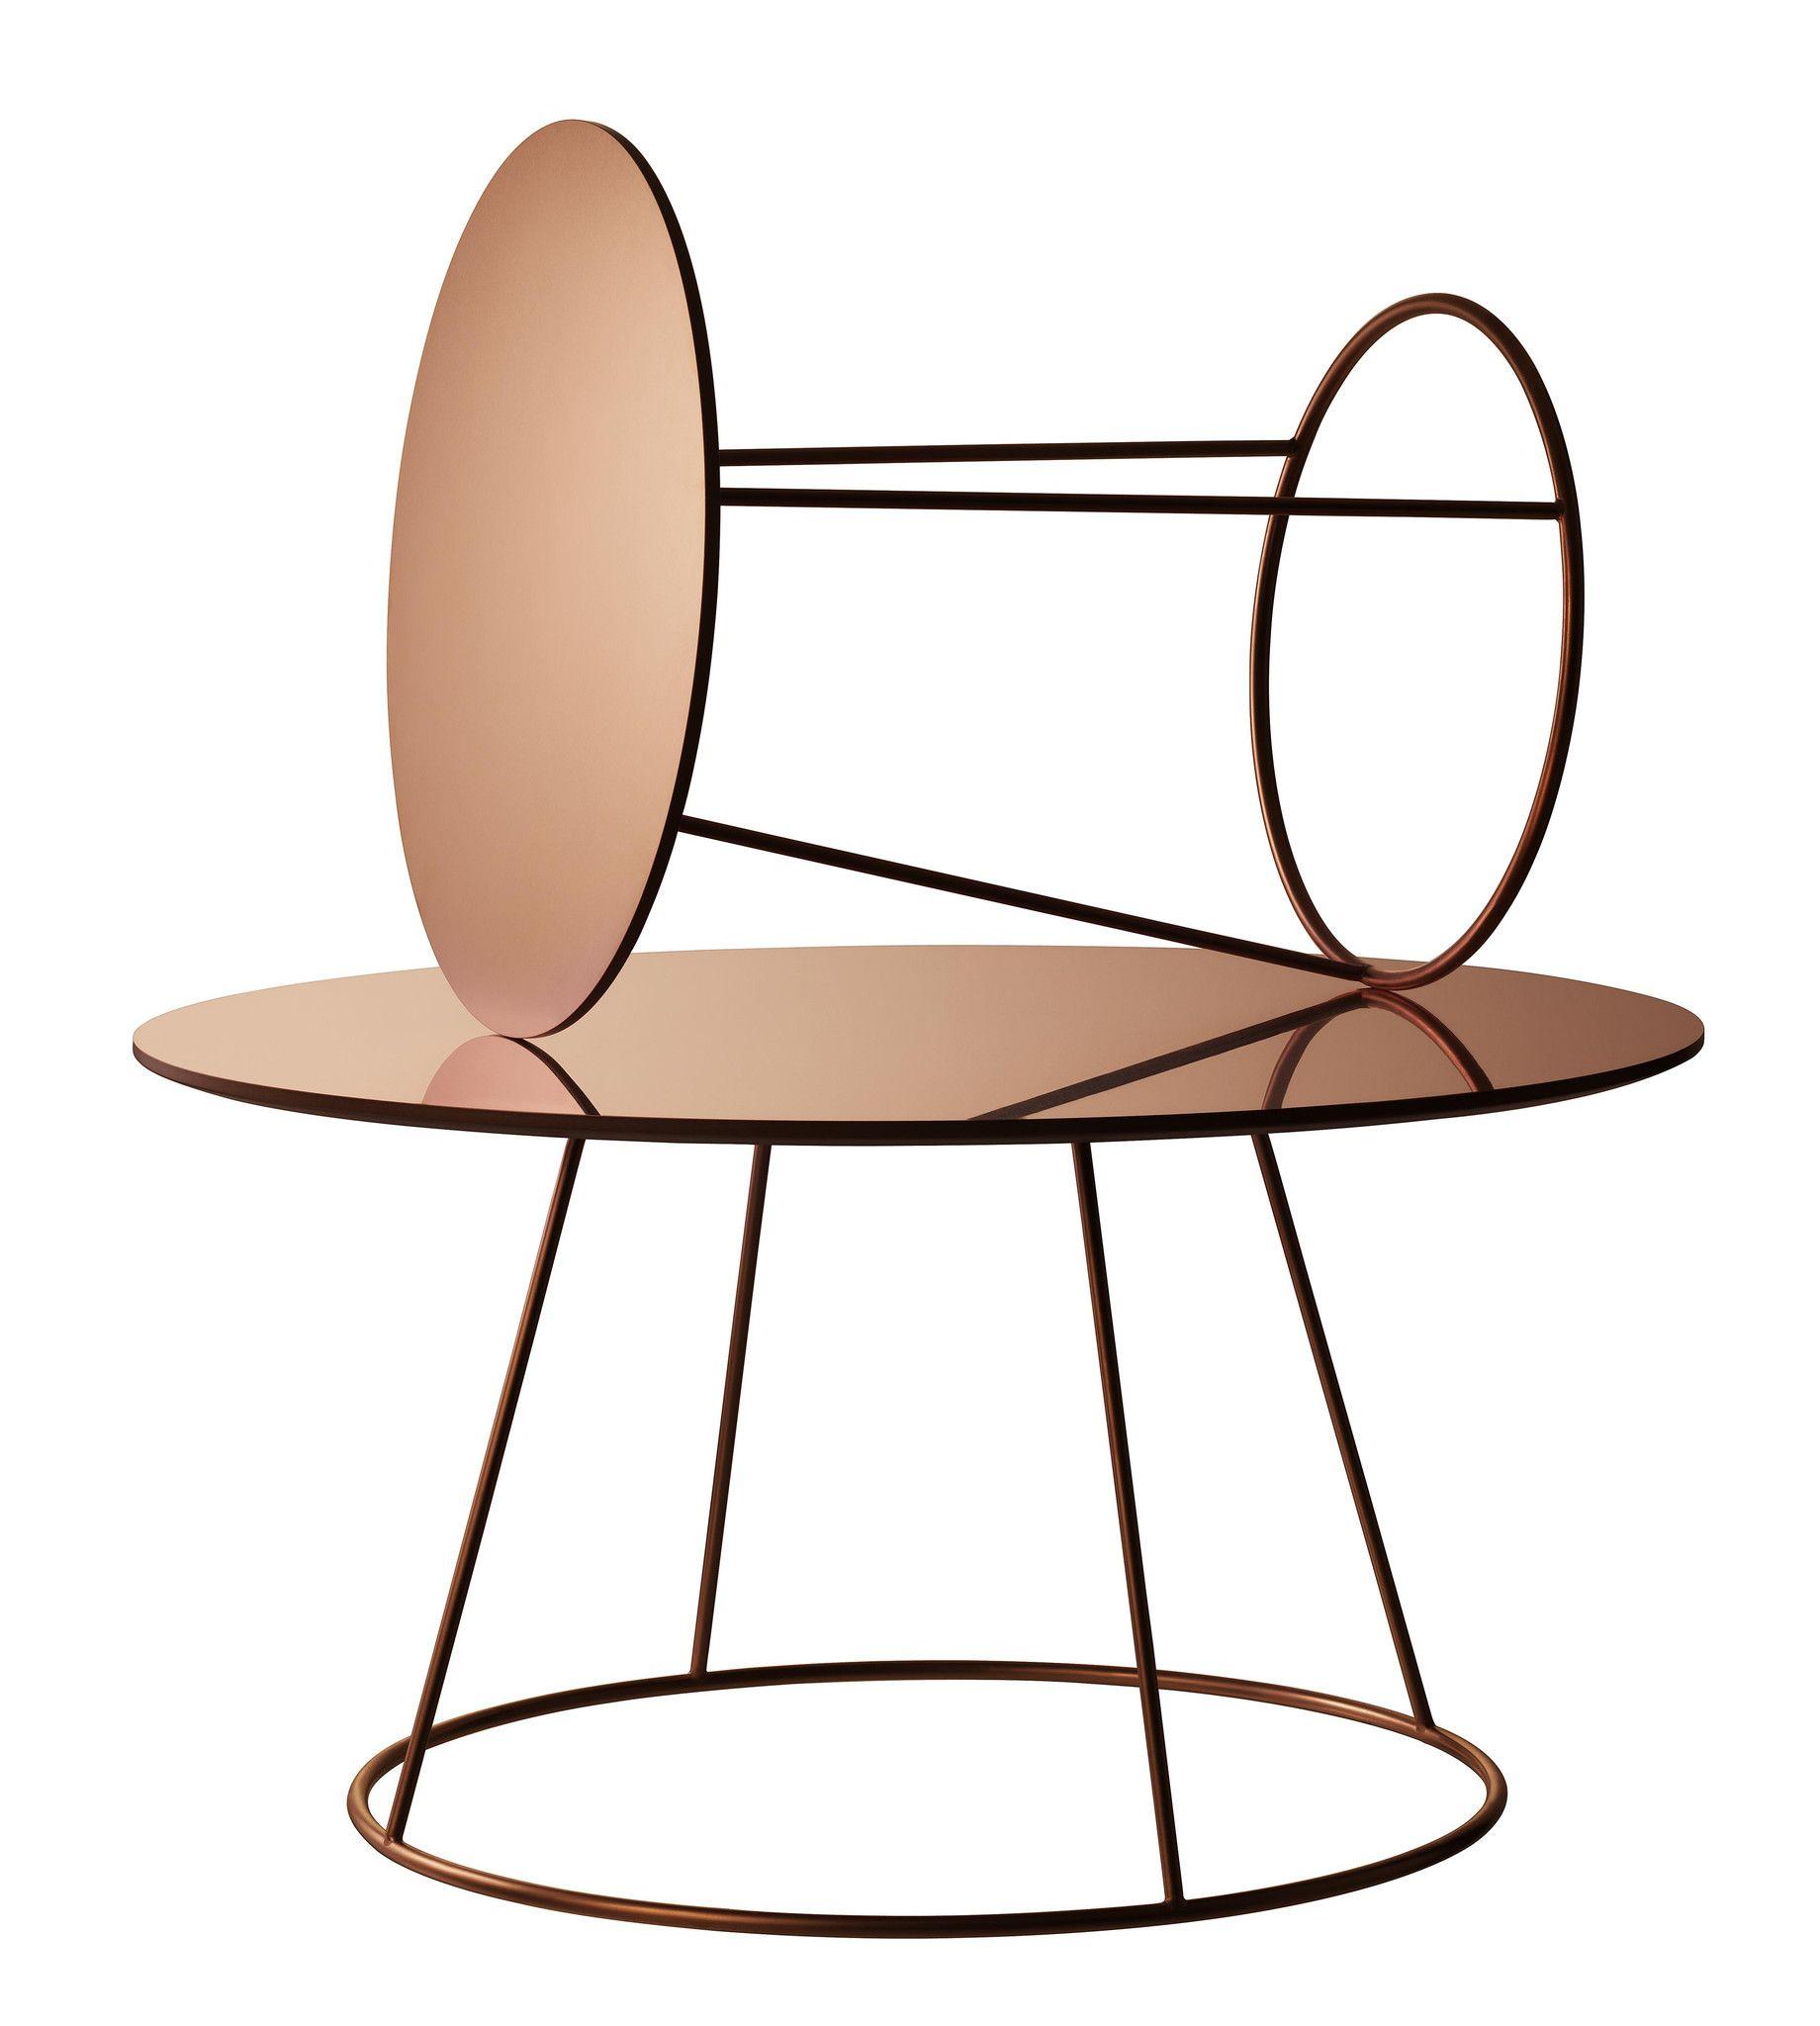 Der Swedese Breeze Tisch Ist Ein Echter Hingucker In Den Varianten Weiss Schwarz Und Kupfer Mit Gewellter Oder Flacher Tischplatte Kann Er Auch Gut Zu